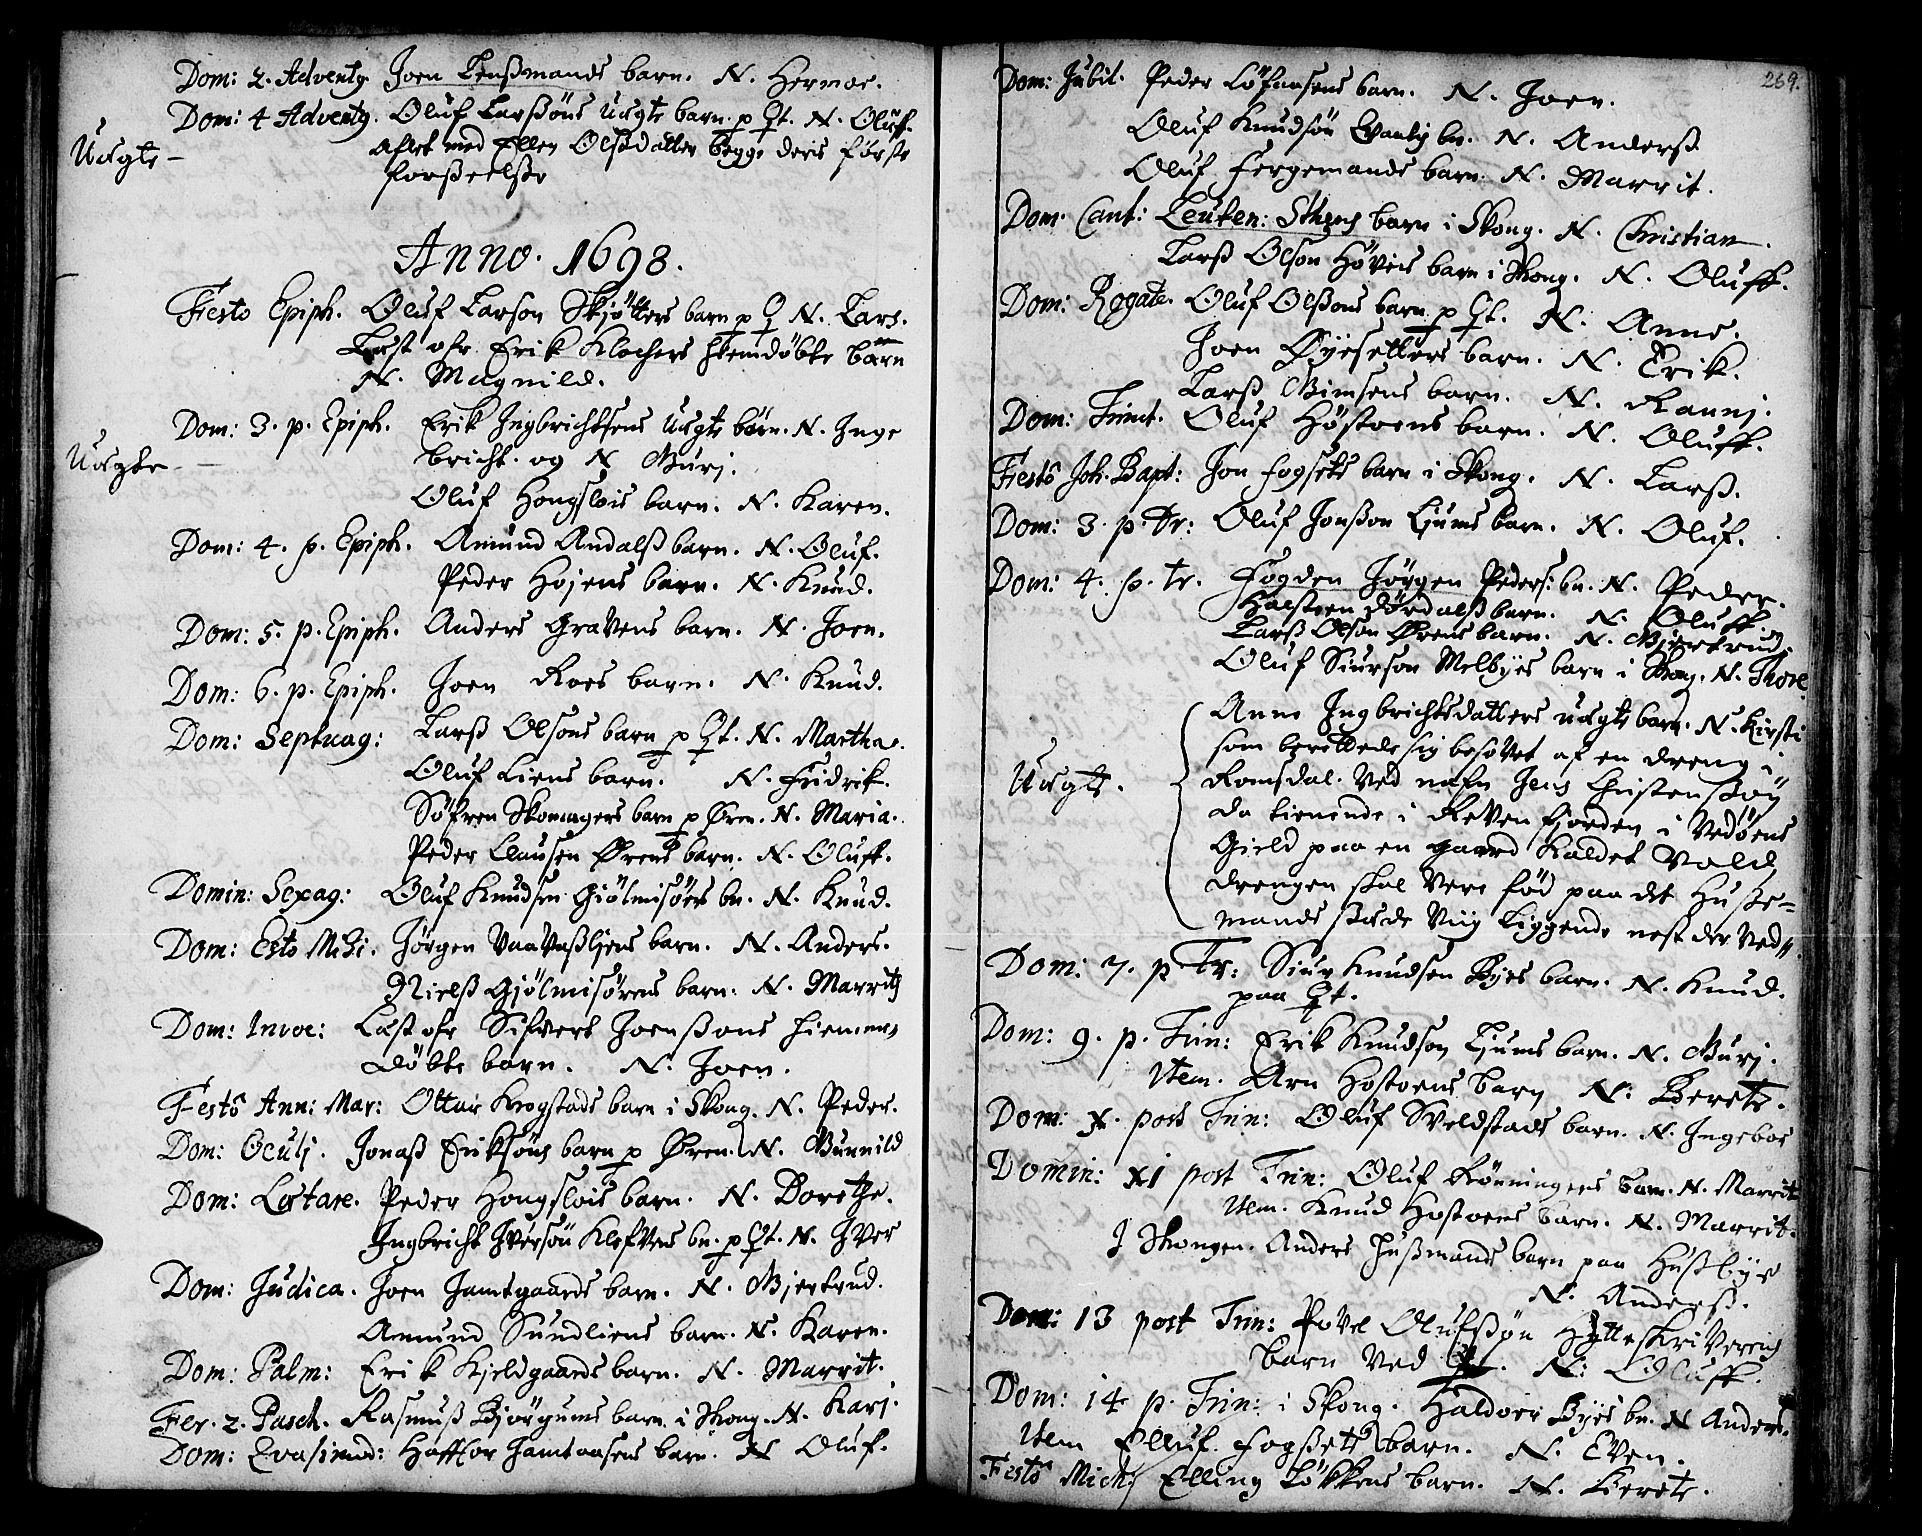 SAT, Ministerialprotokoller, klokkerbøker og fødselsregistre - Sør-Trøndelag, 668/L0801: Ministerialbok nr. 668A01, 1695-1716, s. 268-269